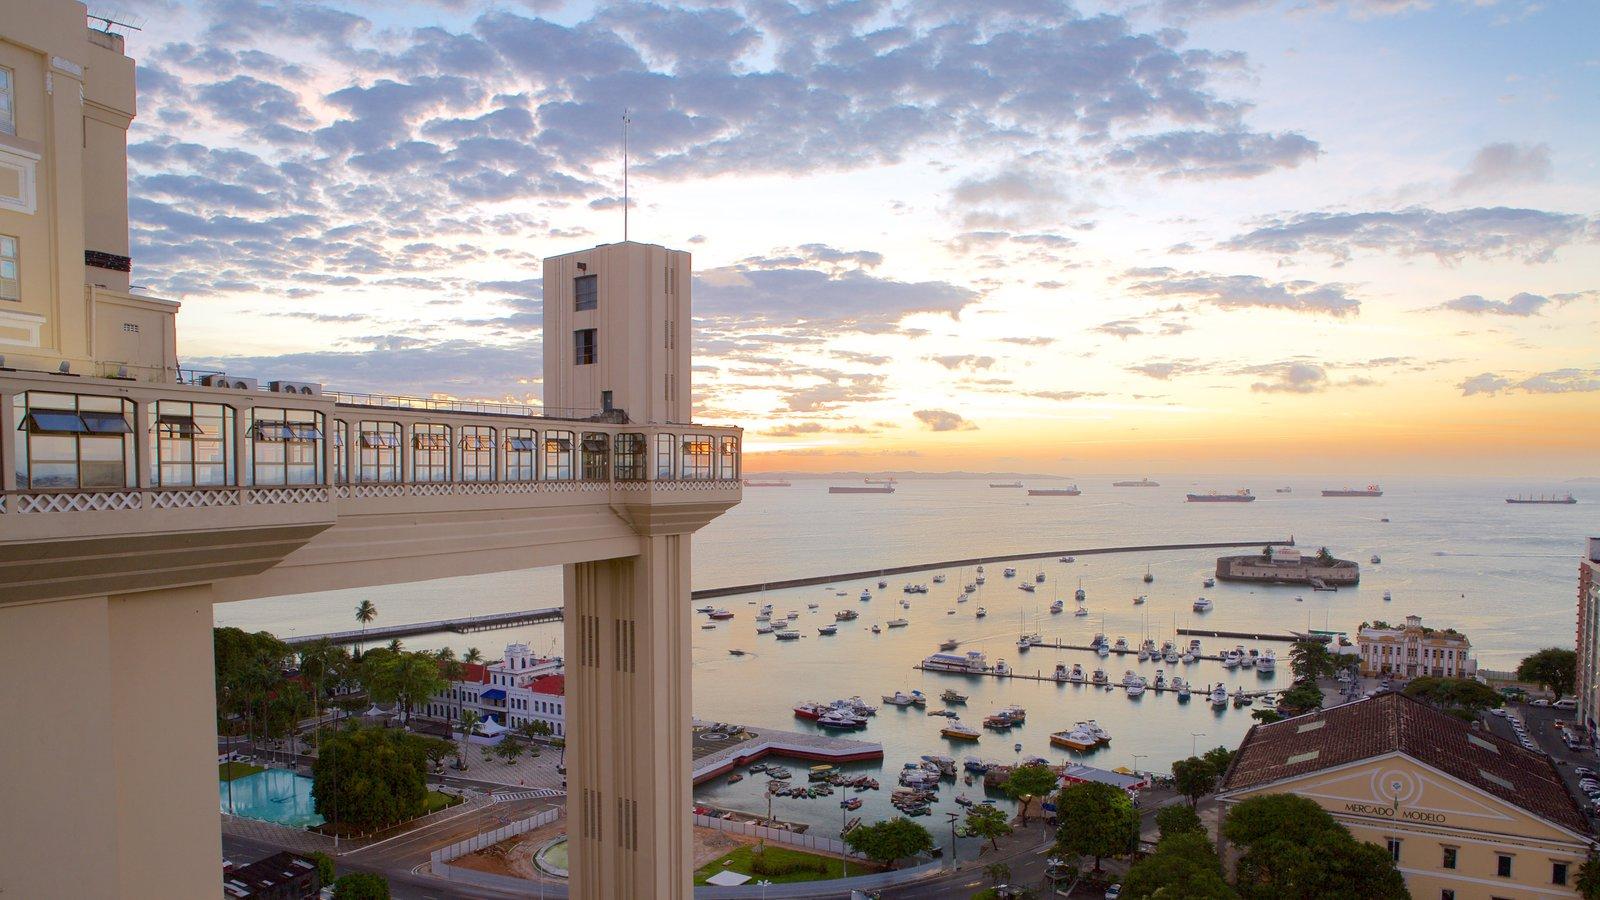 Salvador que inclui uma cidade litorânea, paisagens litorâneas e uma marina